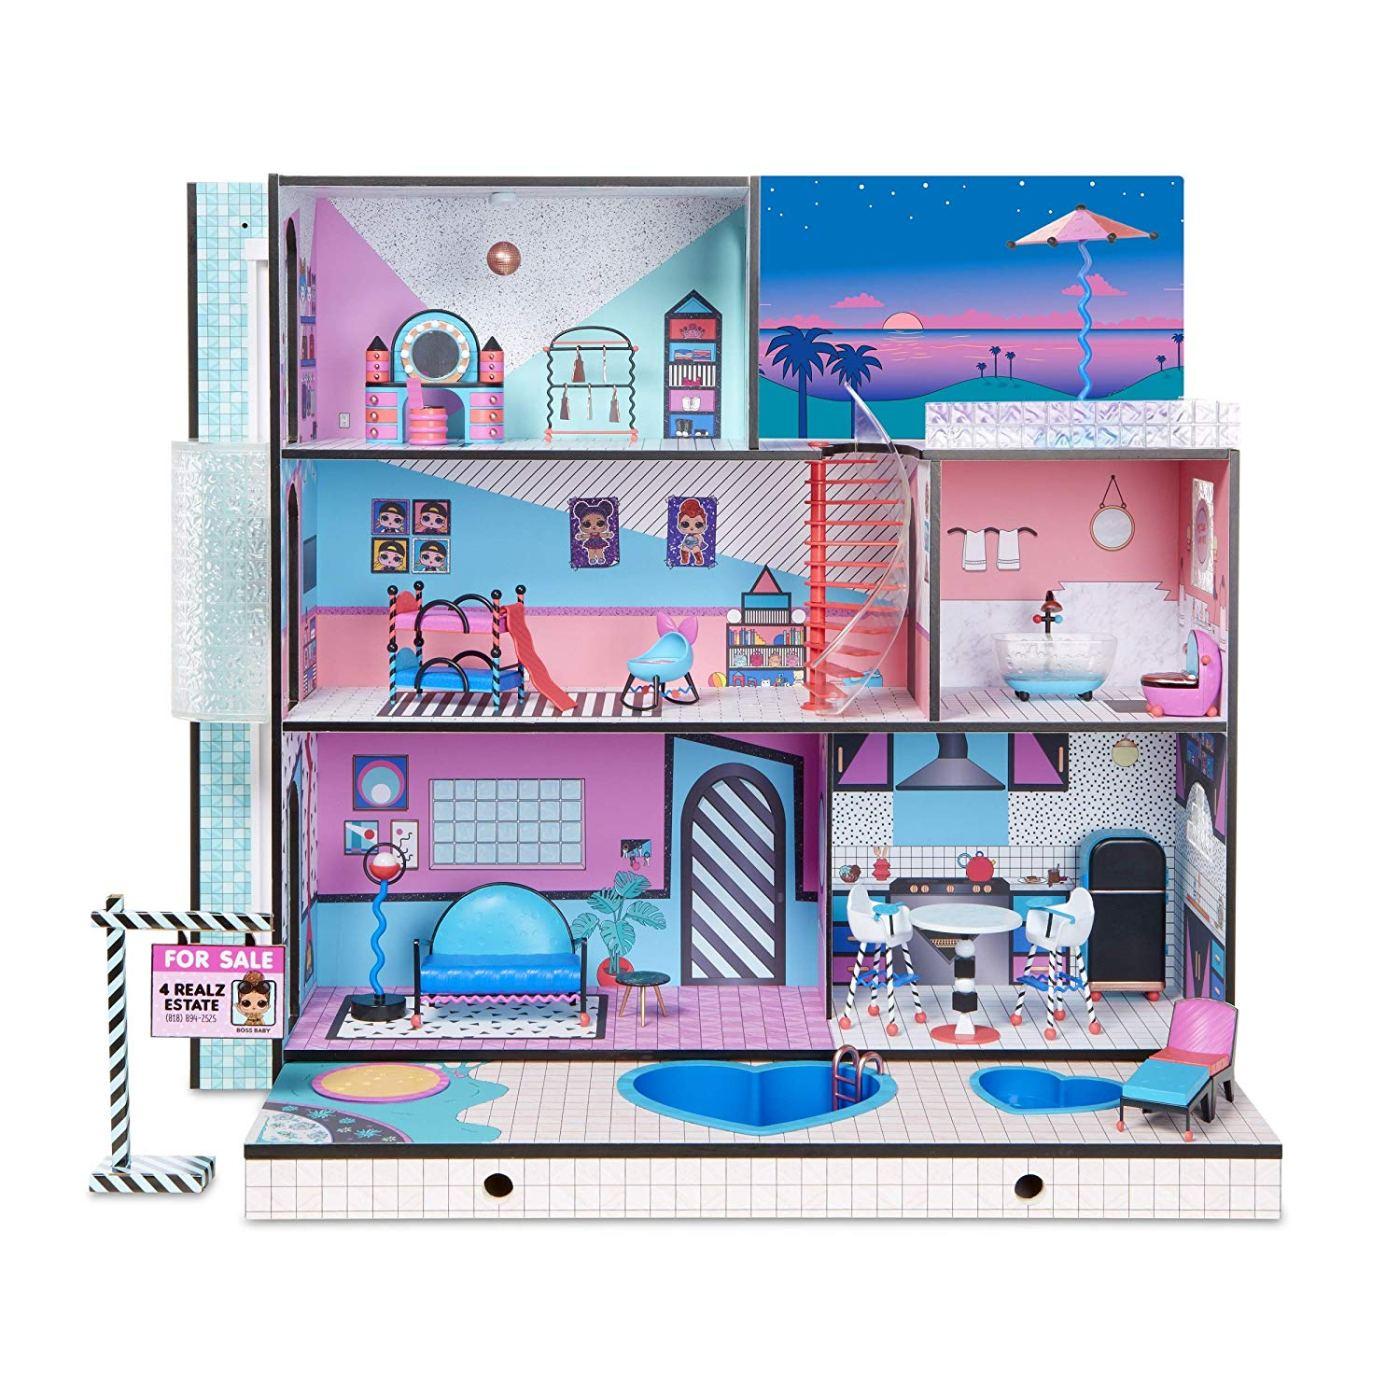 LOL Surprise Dolls House